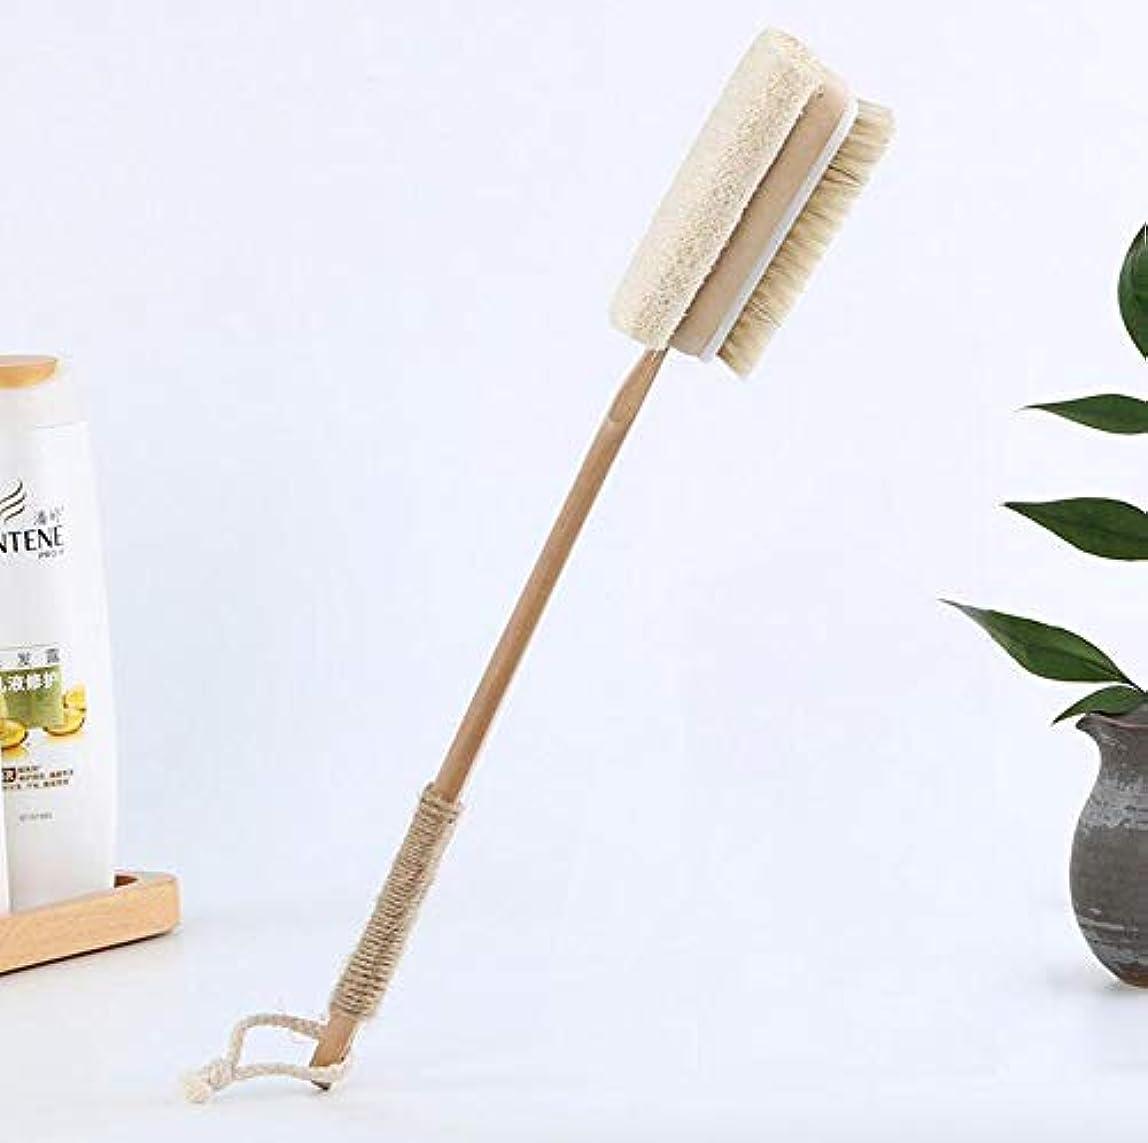 クランシーかんがい理容室バスブラシ、長い木製ハンドルドライブラシボディブラシバスブラシ長いハンドル、皮膚やセルライトを剥離するため、ウェットまたはドライ使用